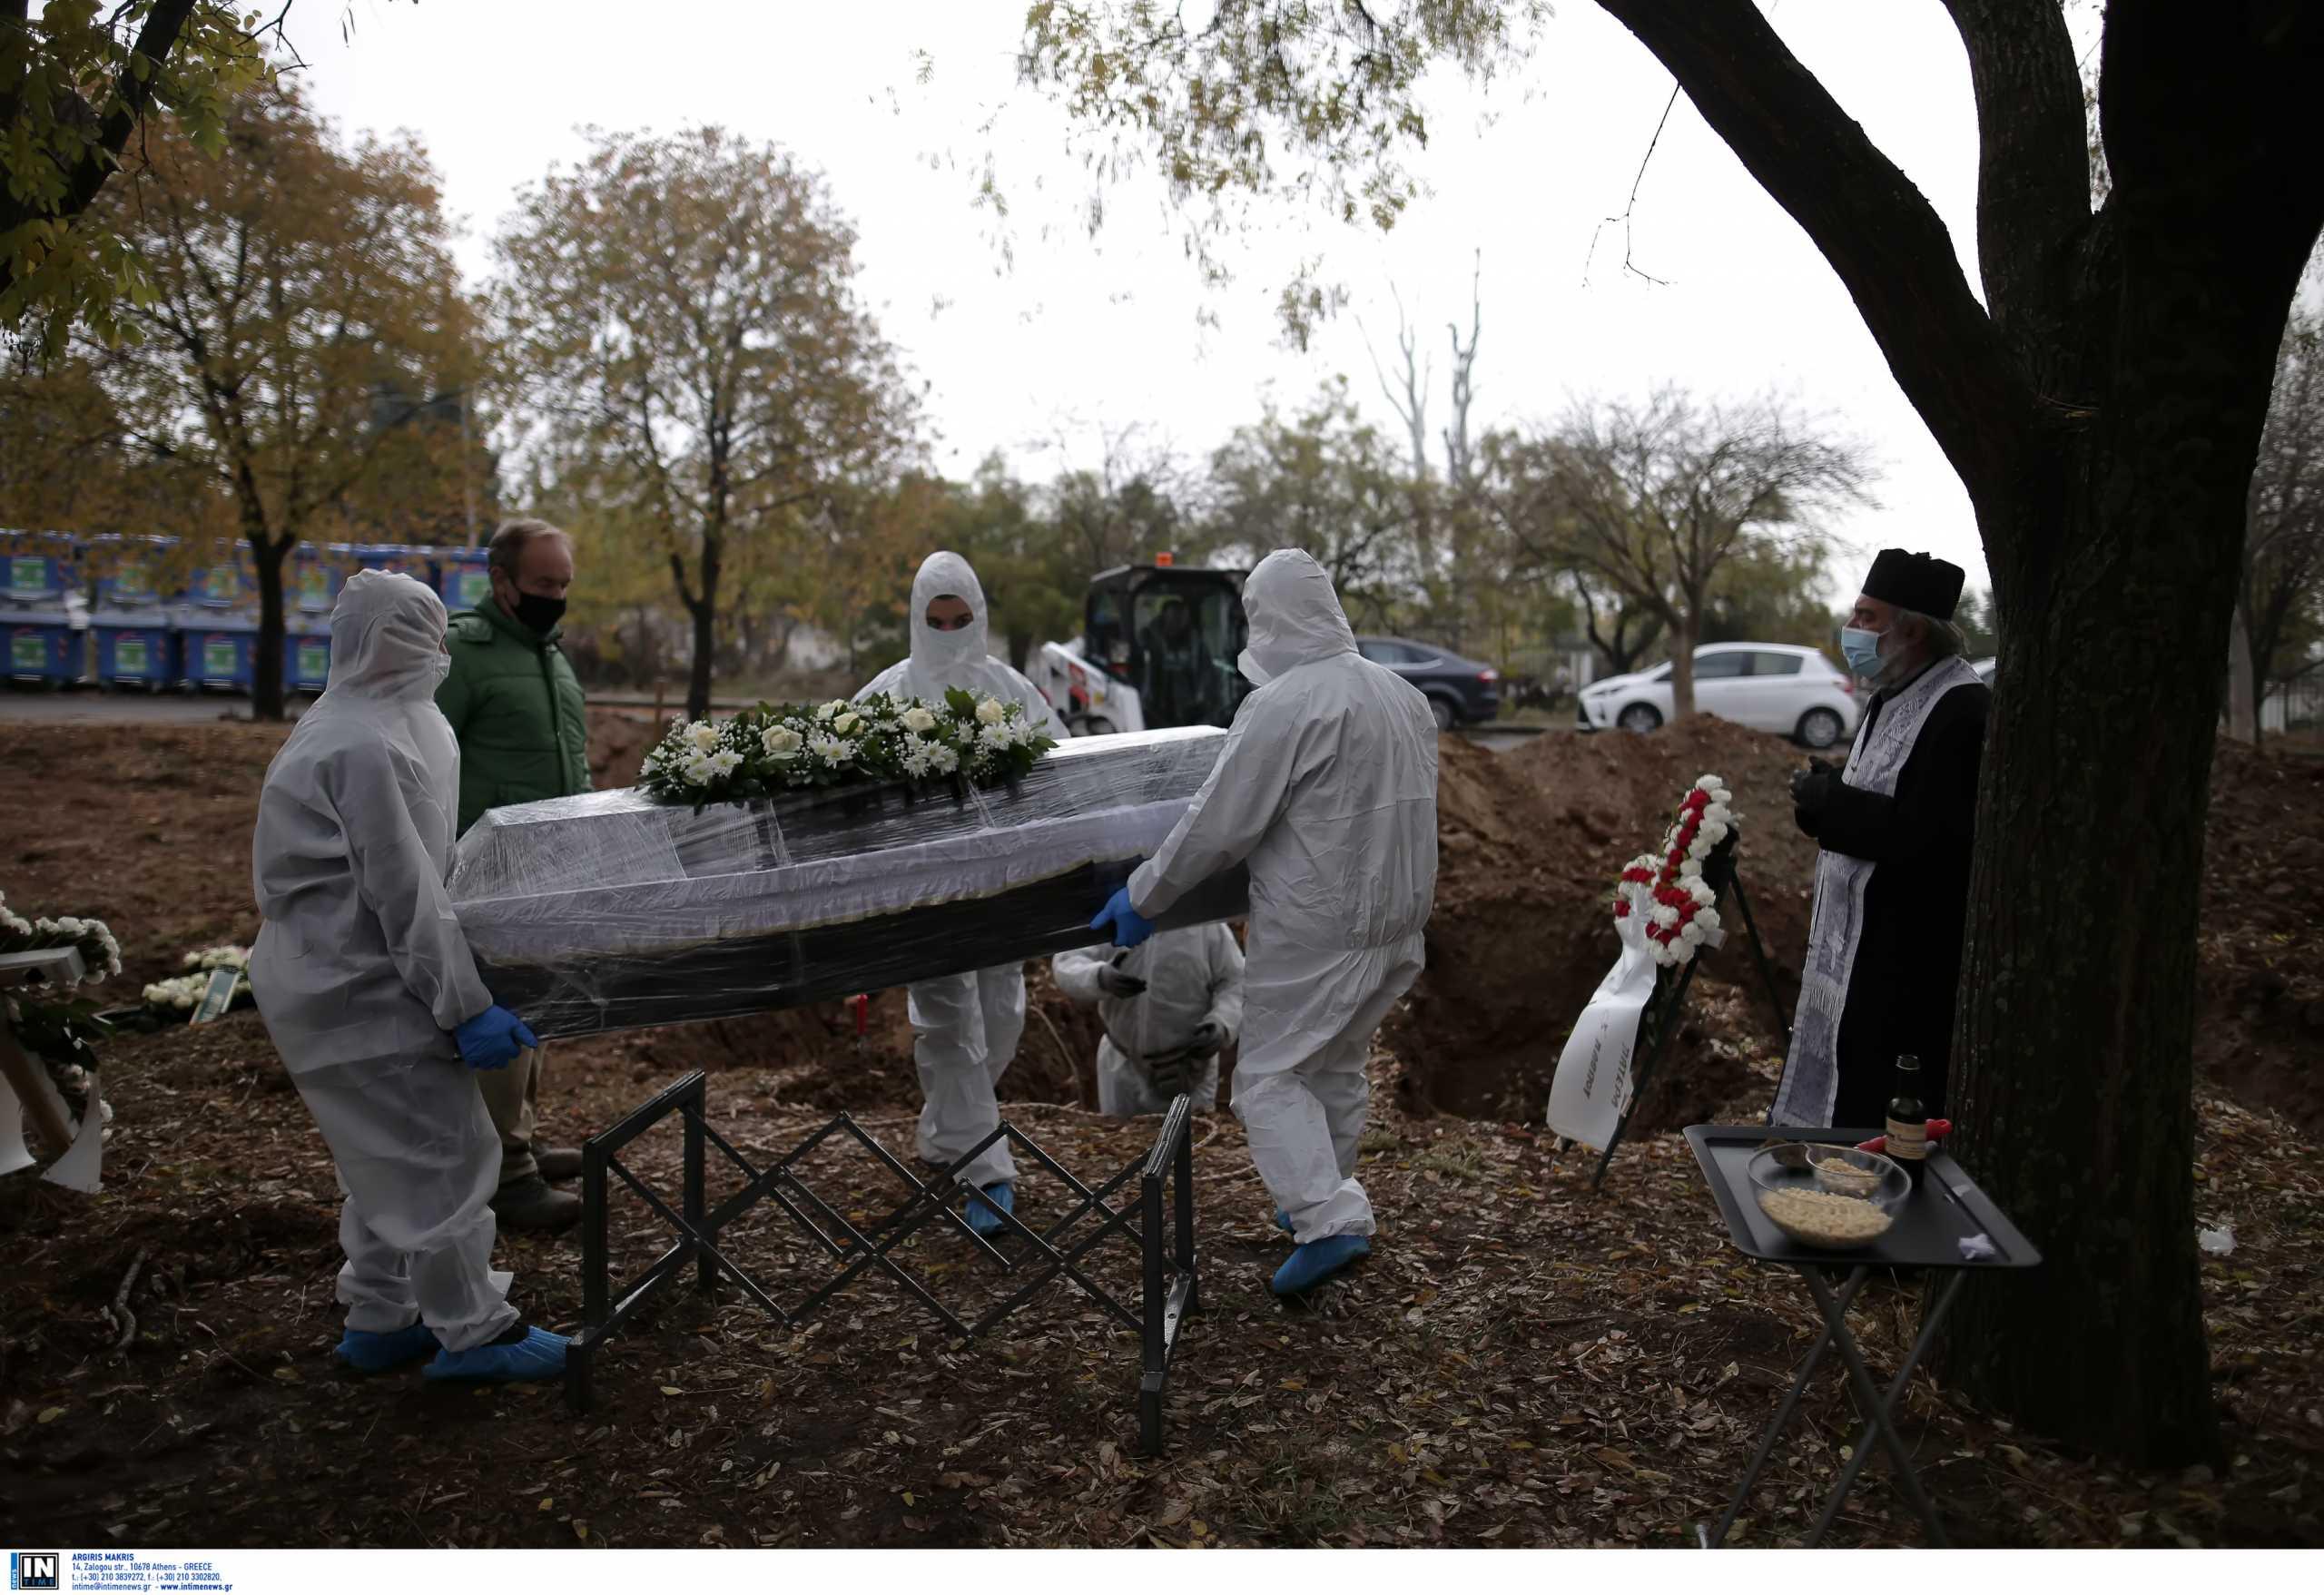 Σπαρακτικές σκηνές σε κηδεία θύματος κορονοϊού στο νεκροταφείο της Θέρμης – Το ξέσπασμα της μάνας